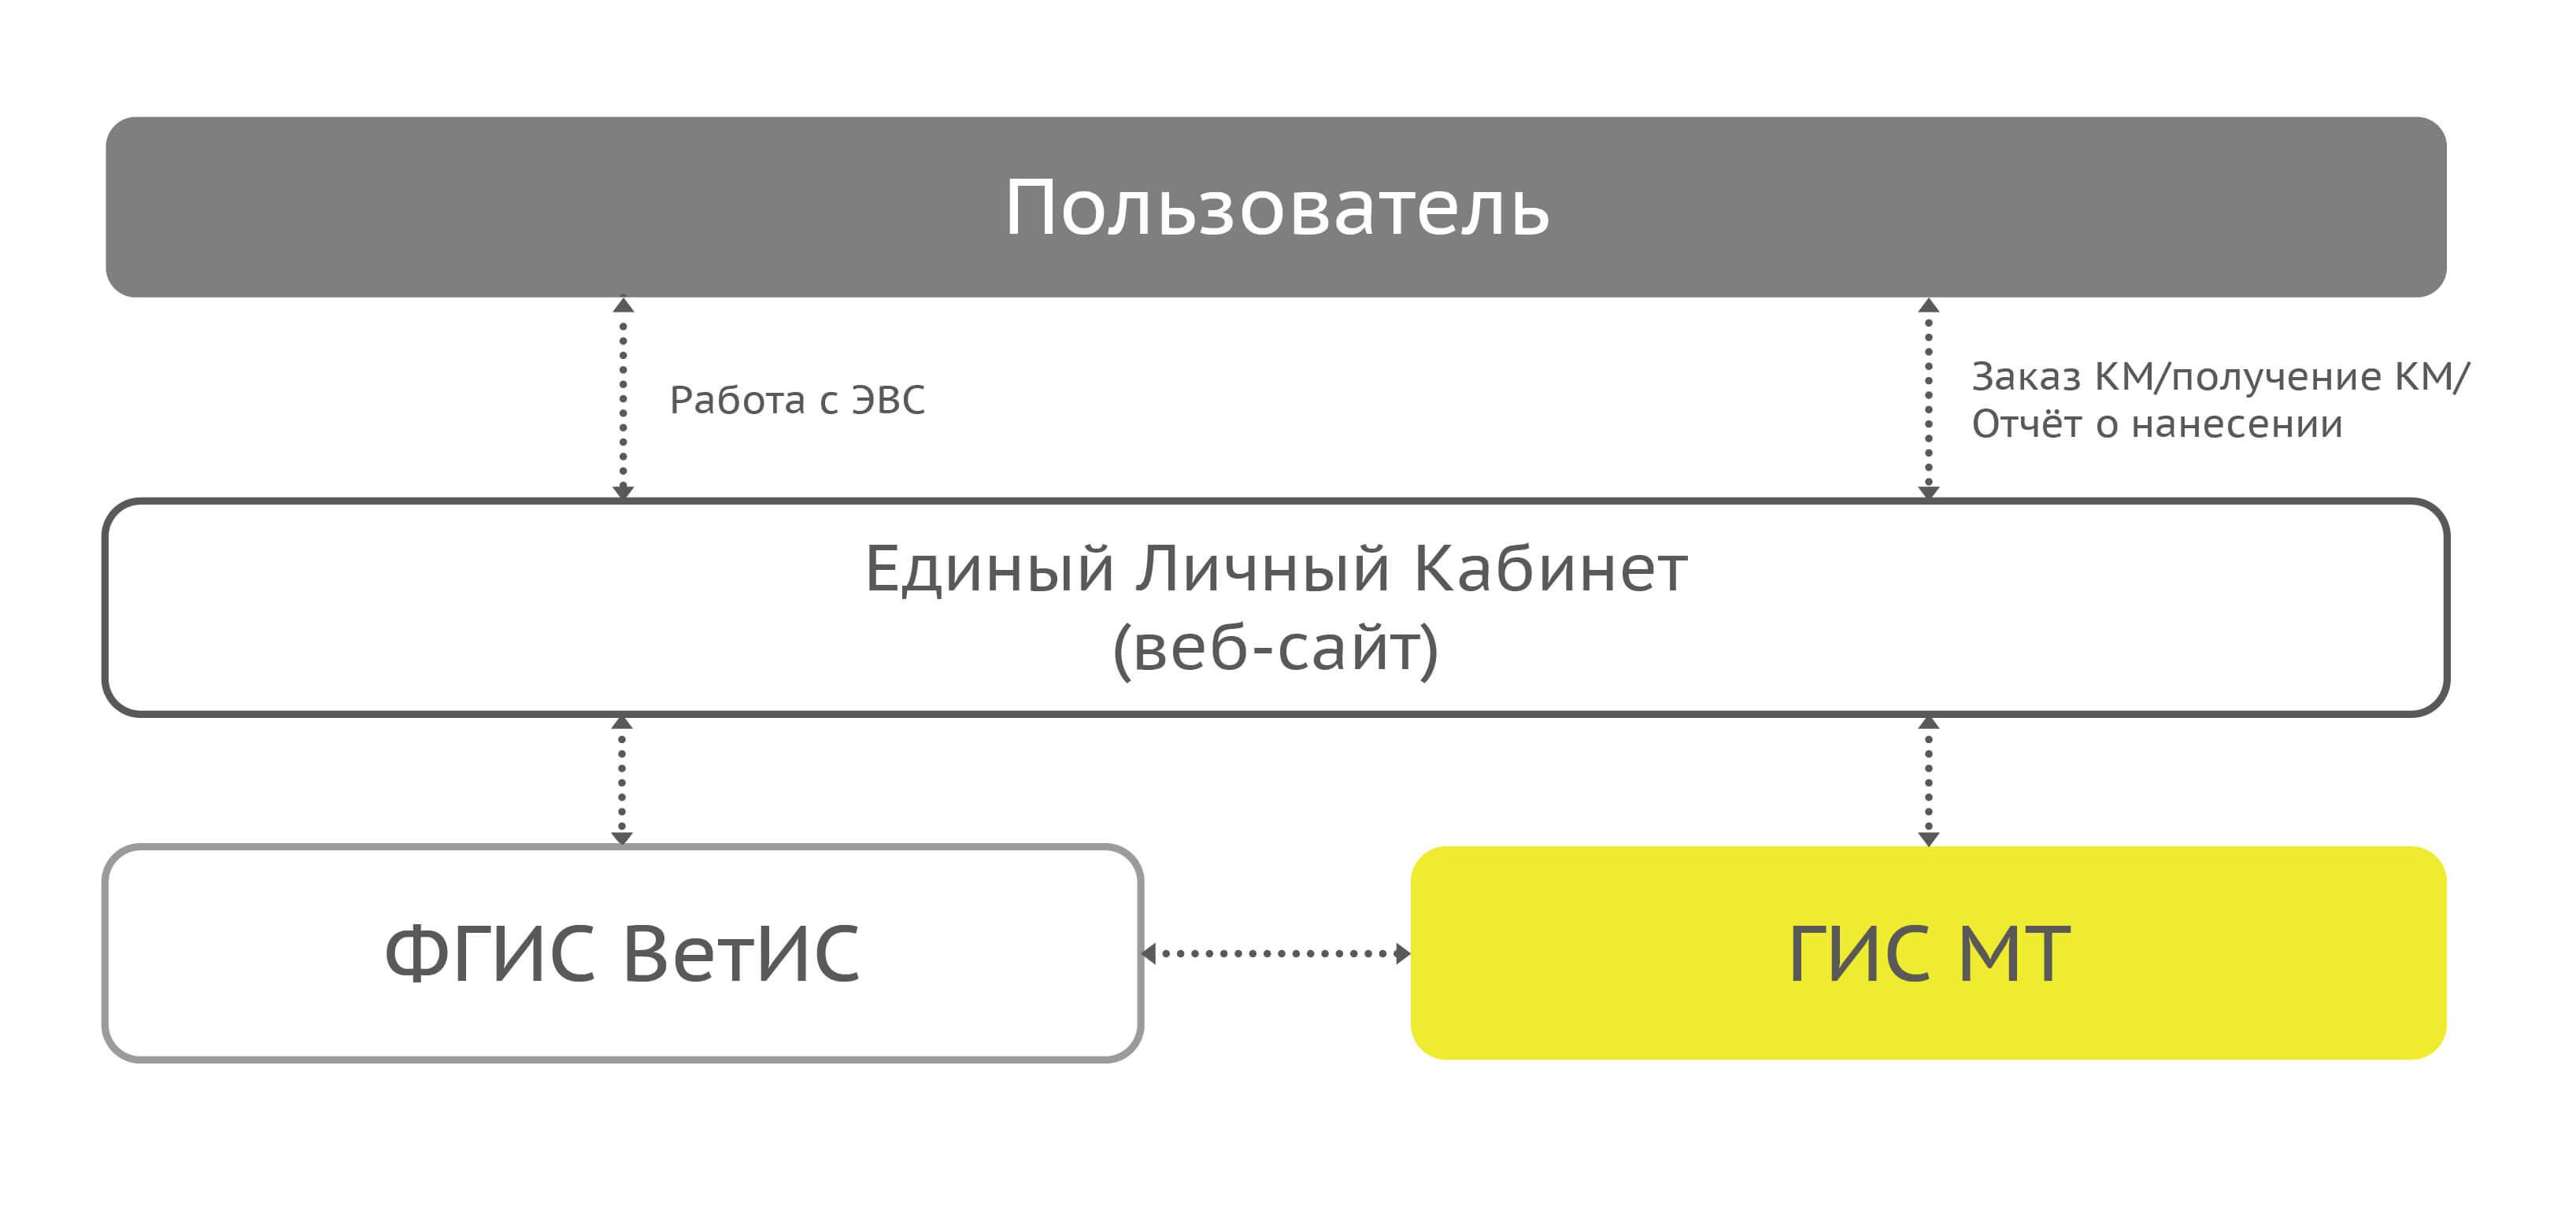 Схема_2.jpg